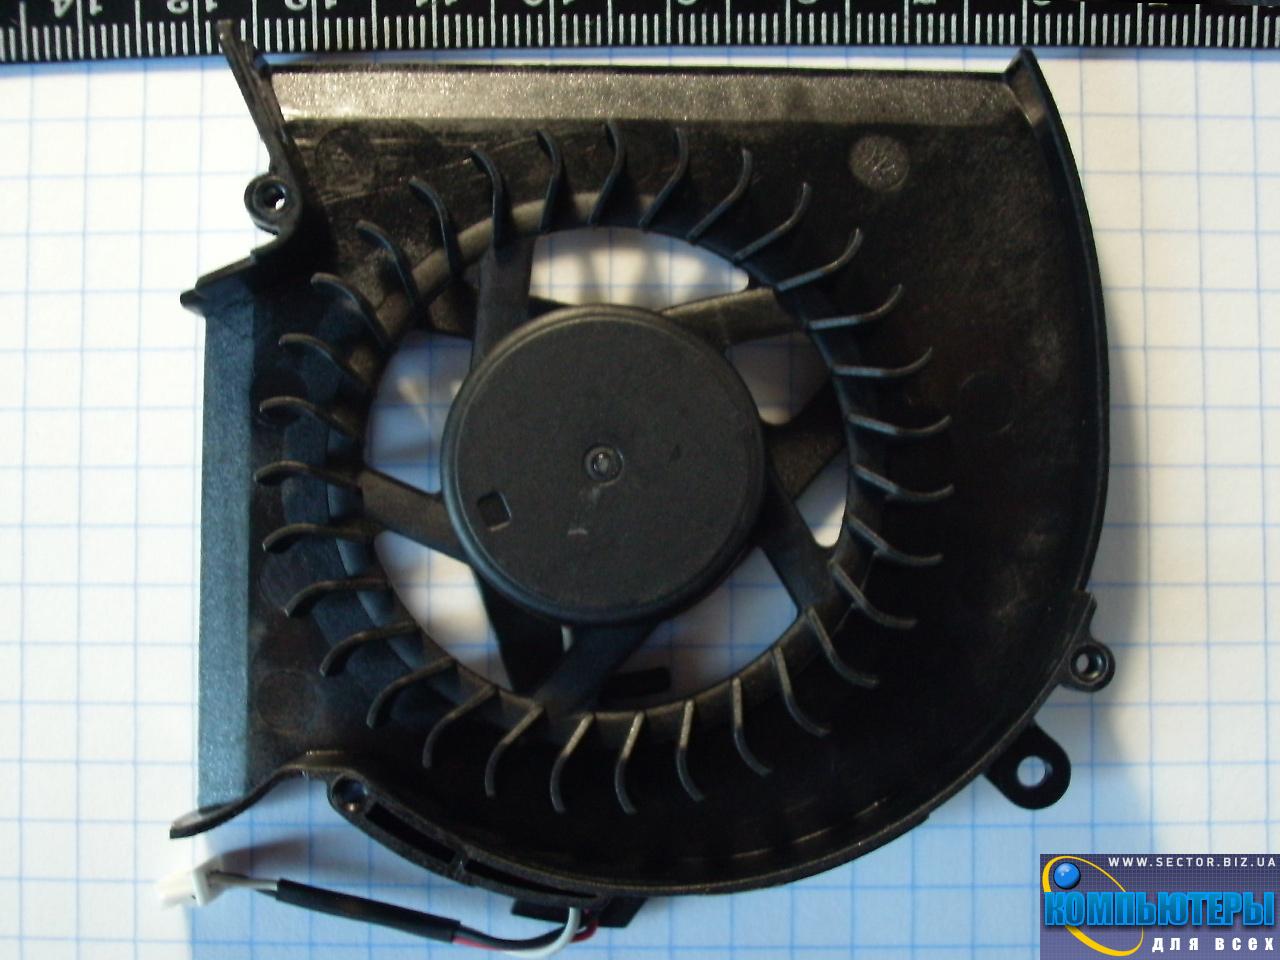 Кулер к ноутбуку Samsung P530 R523 R525 R528 R530 R538 R540 p/n: DFS531005MC0T F81G-1. Фото № 6.